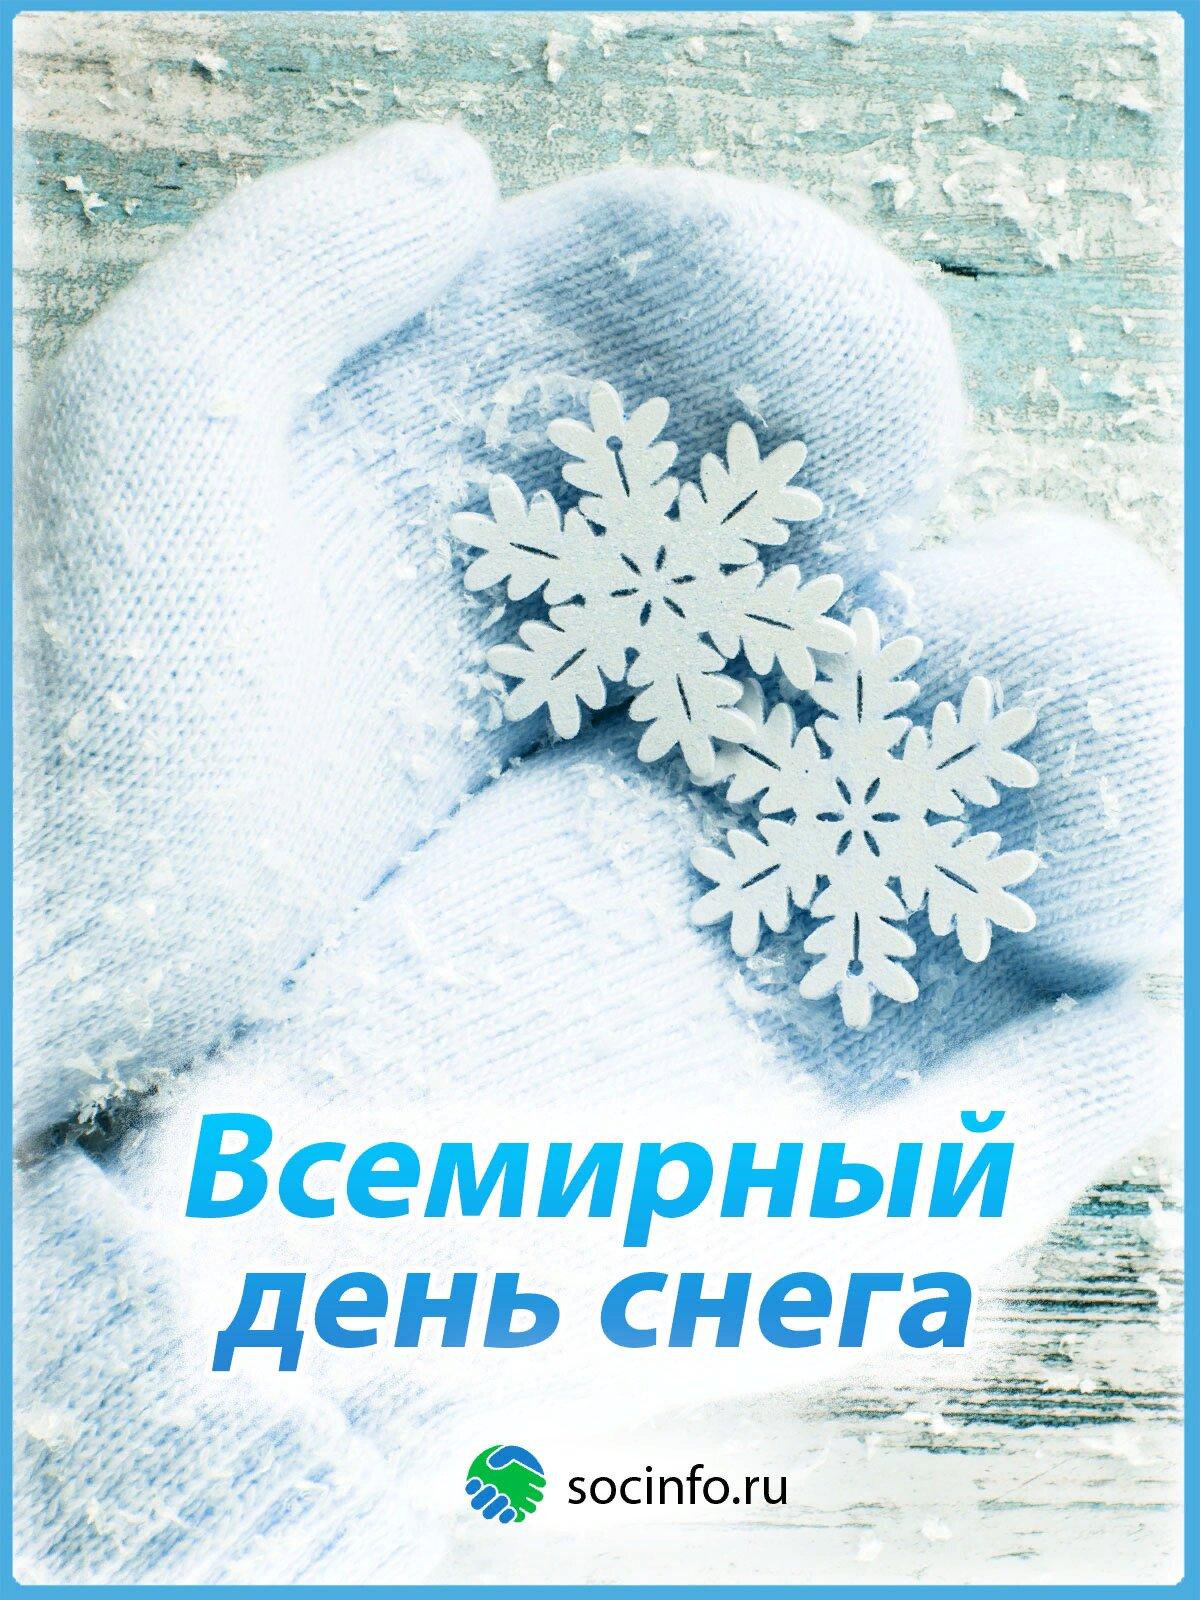 Сделать красивую, открытки к дню снега